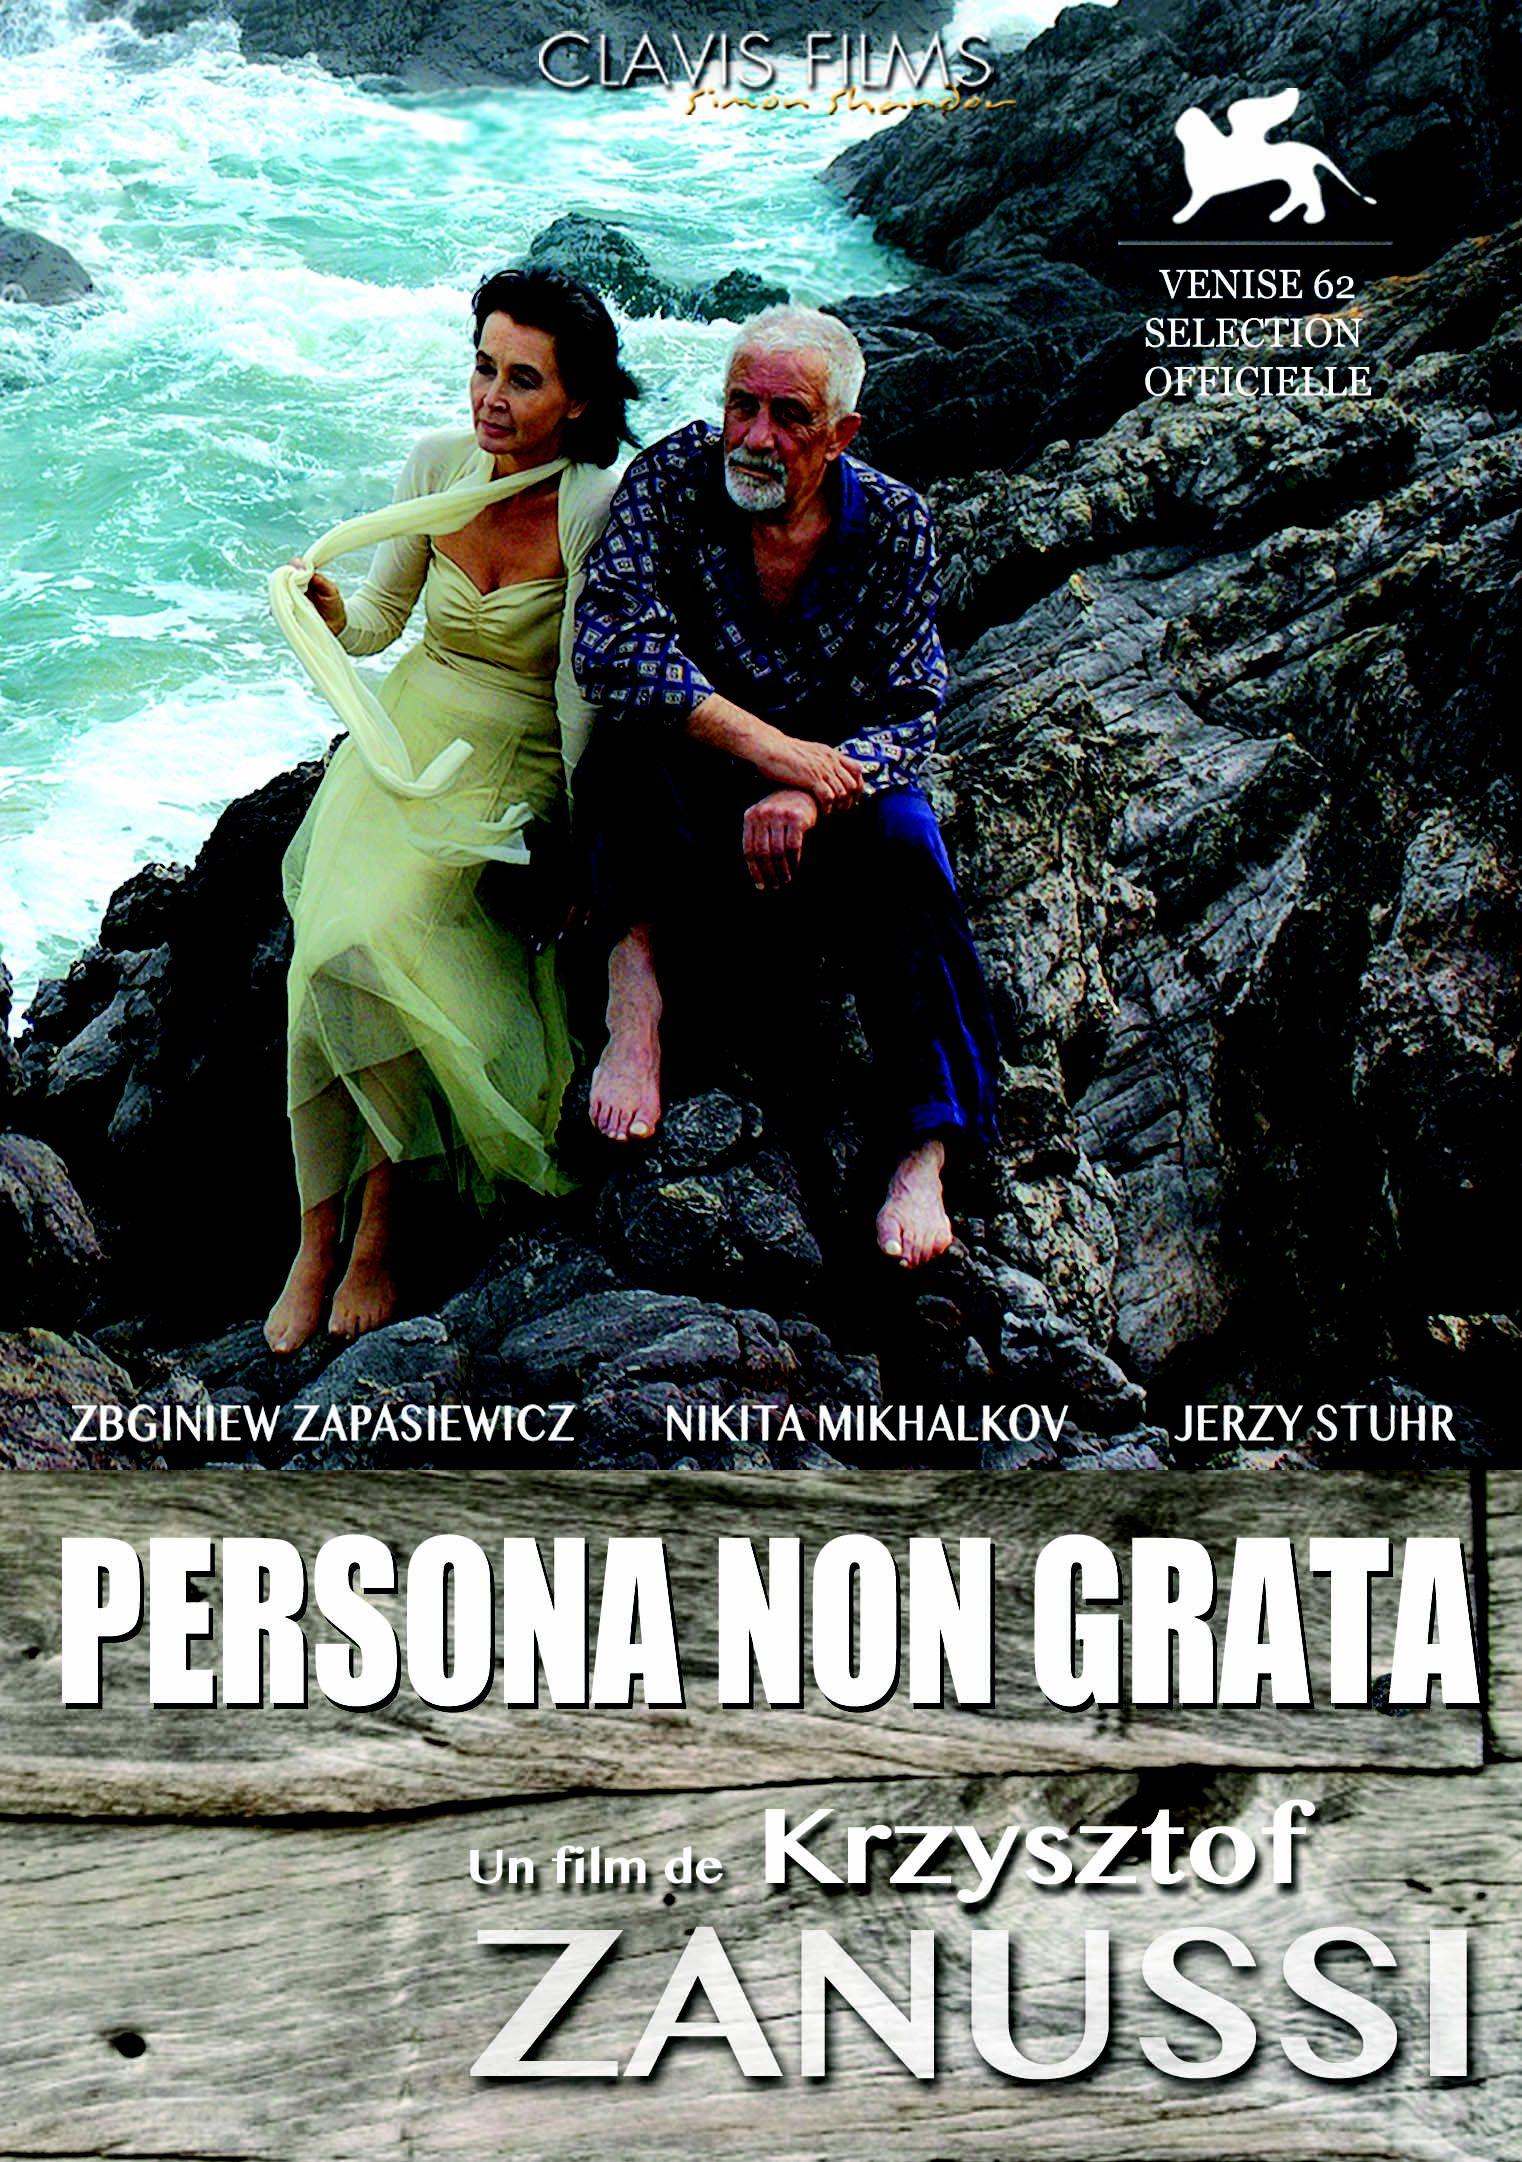 Persona non grata - Film (2005)